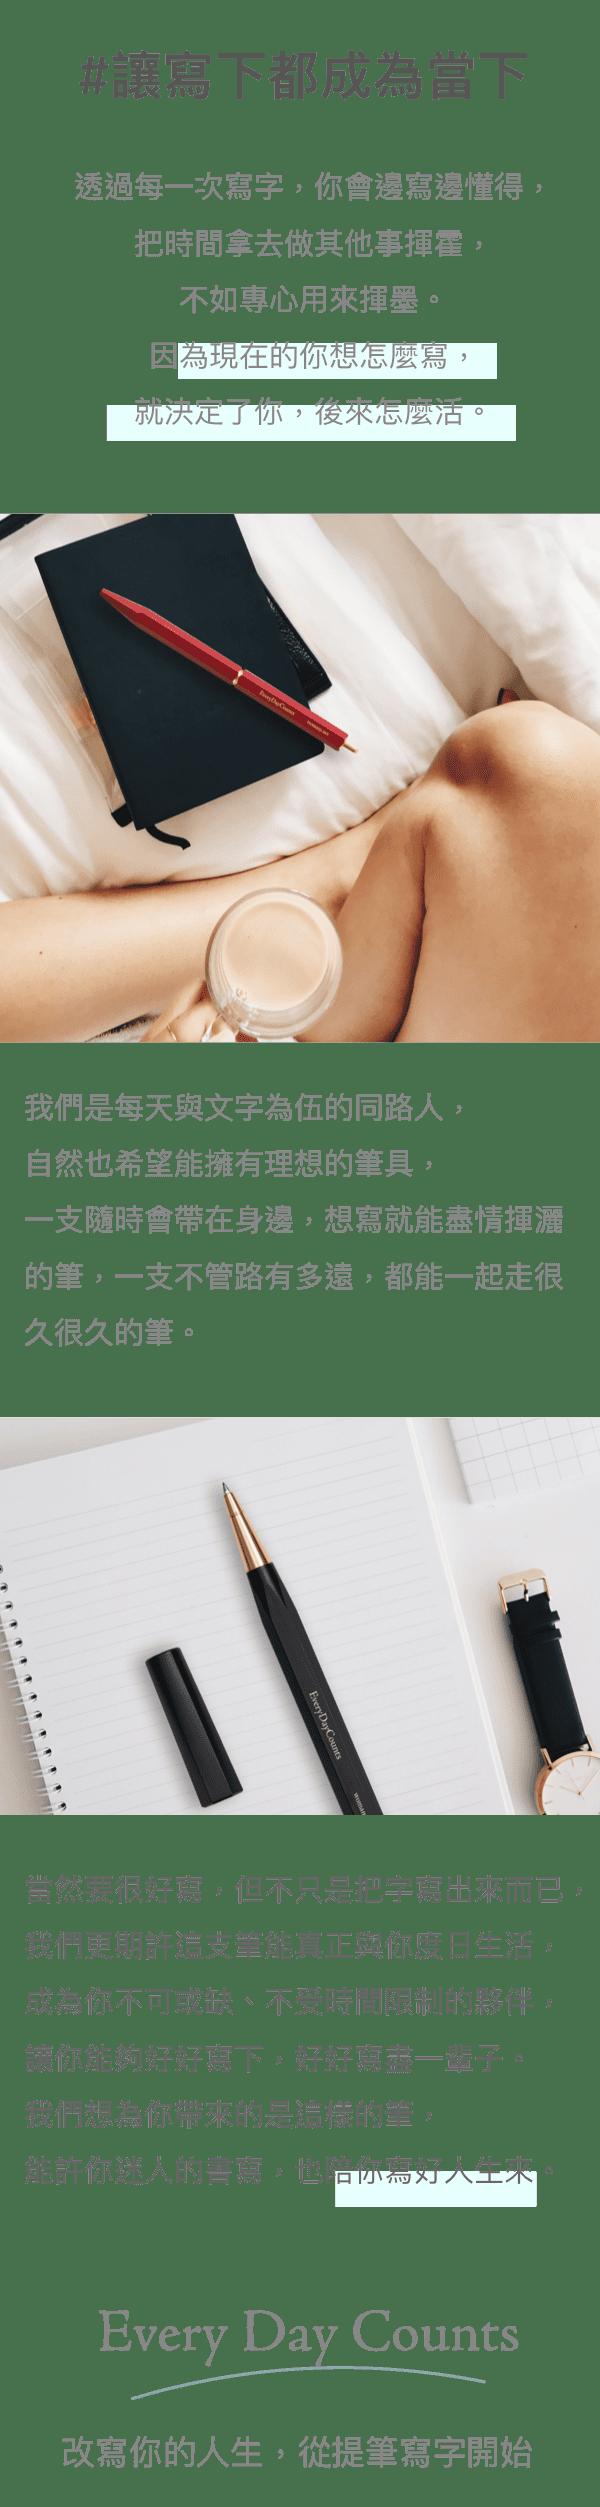 透過每一次寫字,你會邊寫邊懂得, 把時間拿去做其他事揮霍,不如專心用來揮墨。 因為現在的你想怎麼寫,就決定了你,後來怎麼活。